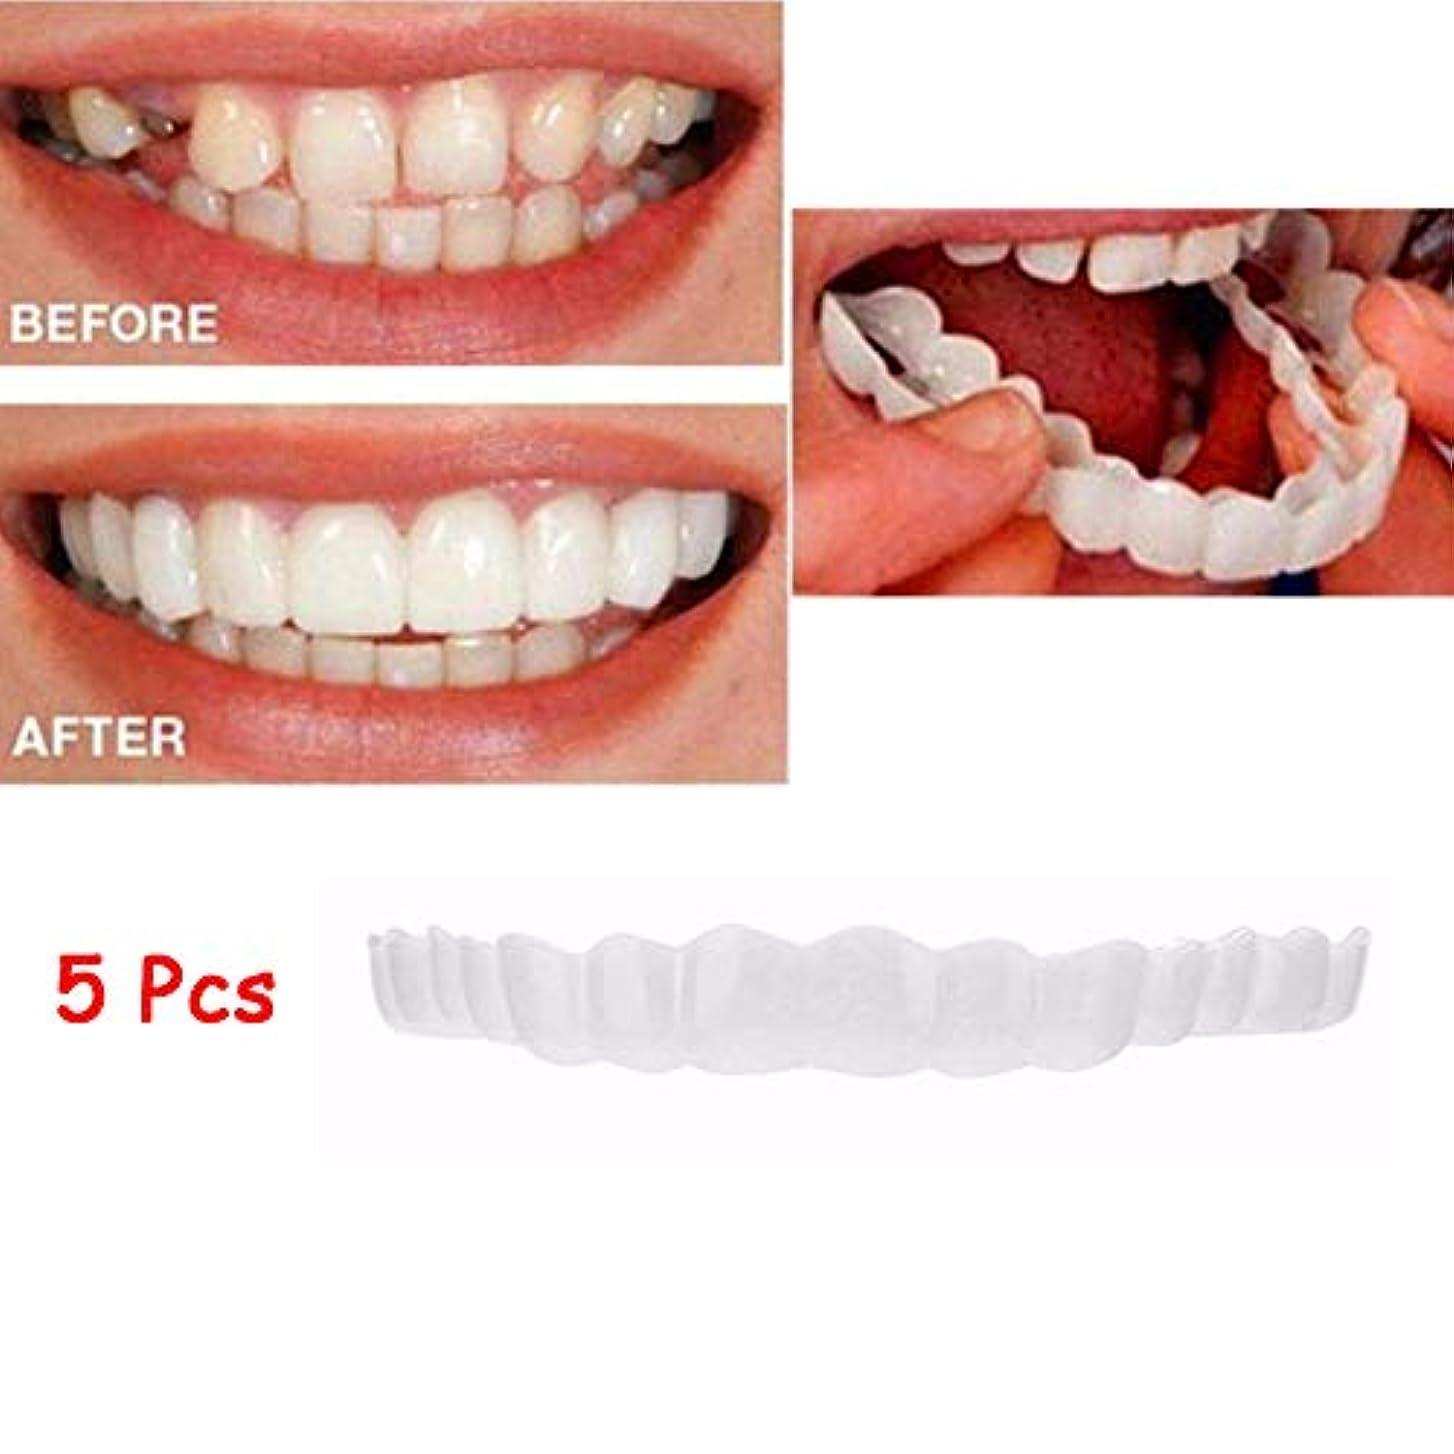 動物フォアマン安全でない5本突き板、化粧品の歯 - 一時的な笑顔の快適さフィットフレックス化粧品の歯ワンサイズは最も快適な歯のベニーにフィット